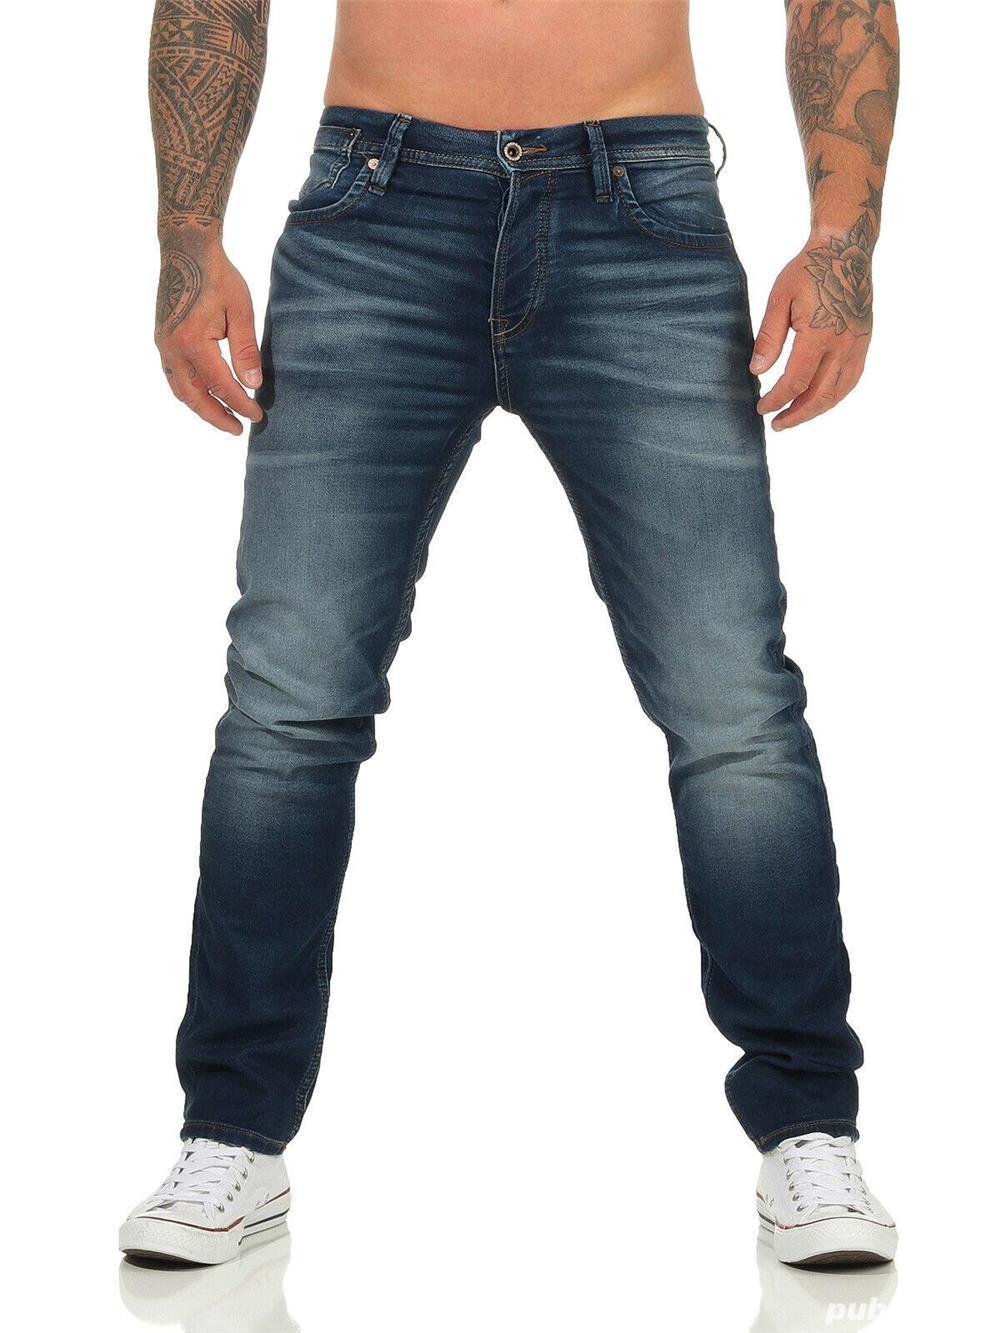 Jeans Barbati Jack&Jones JJITIM JJLEON GE 227 I.K. NOOS Blue Denim NOU